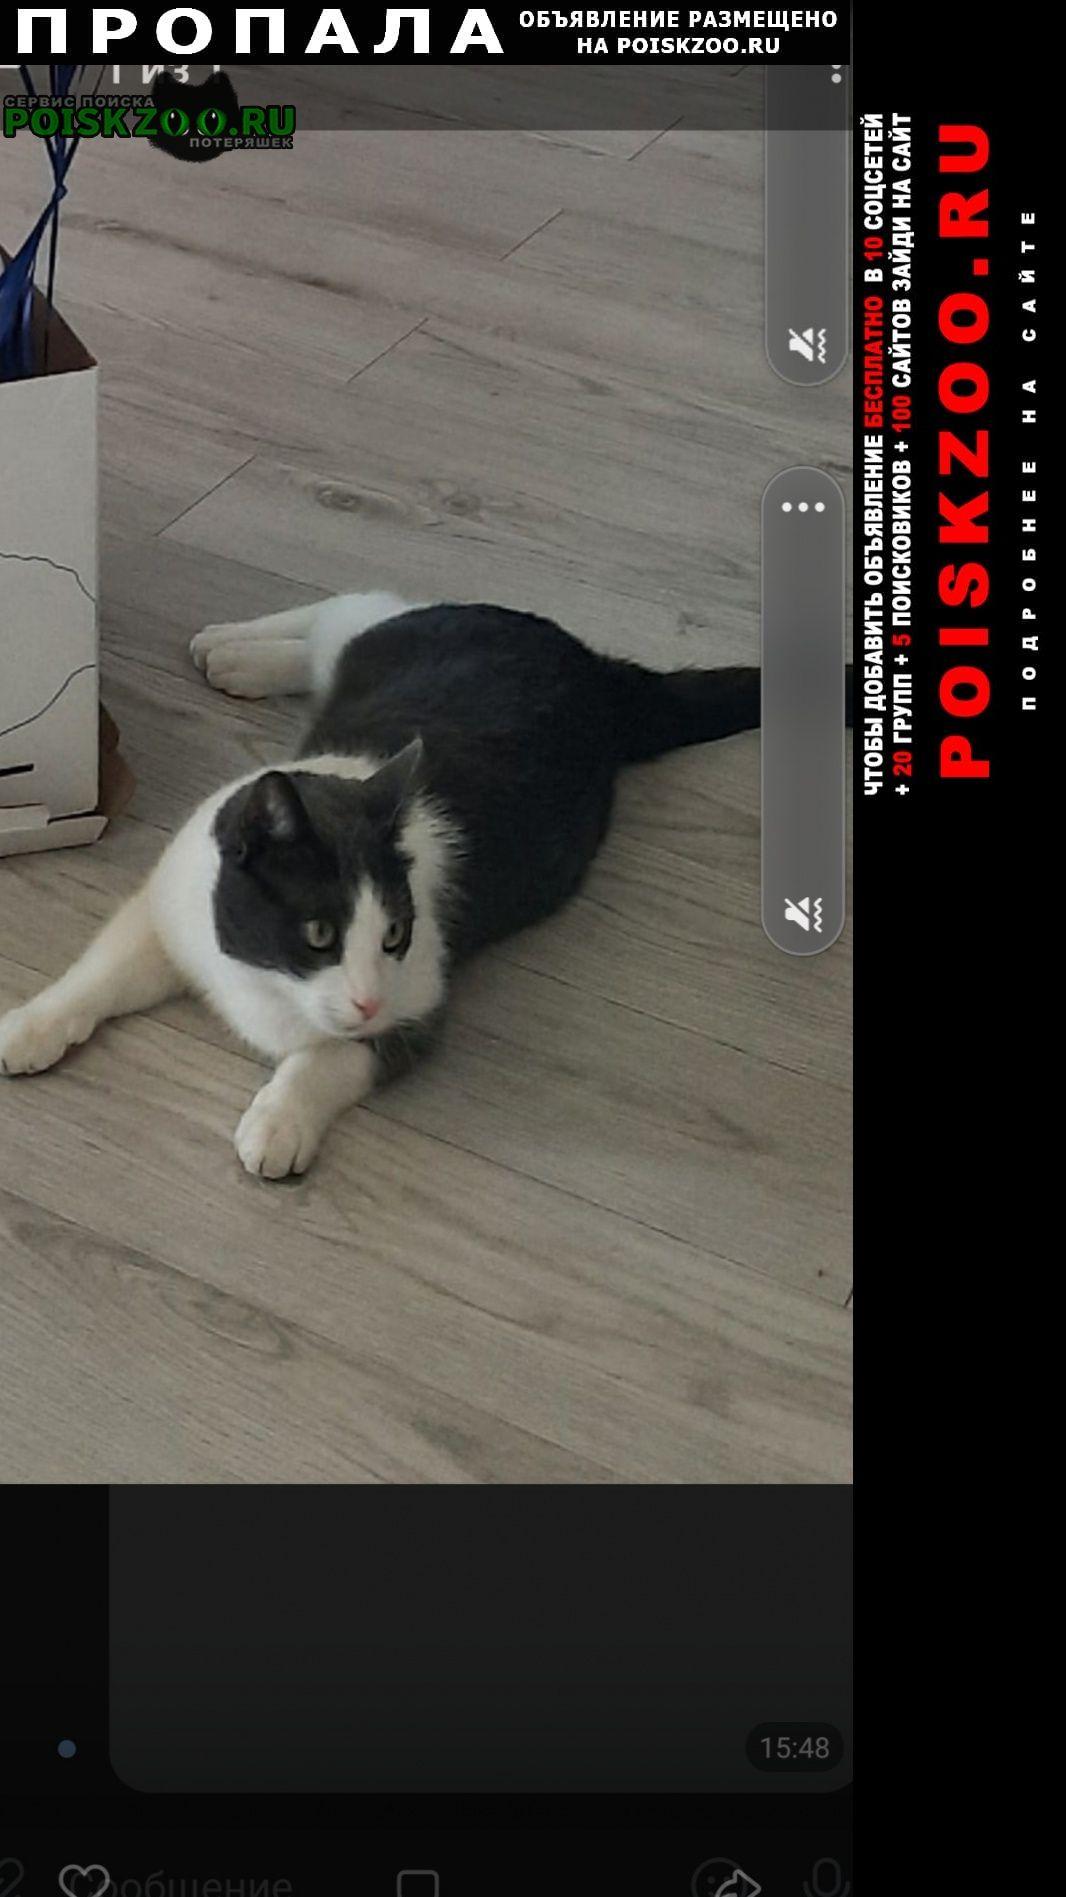 Рязань Пропал кот чик